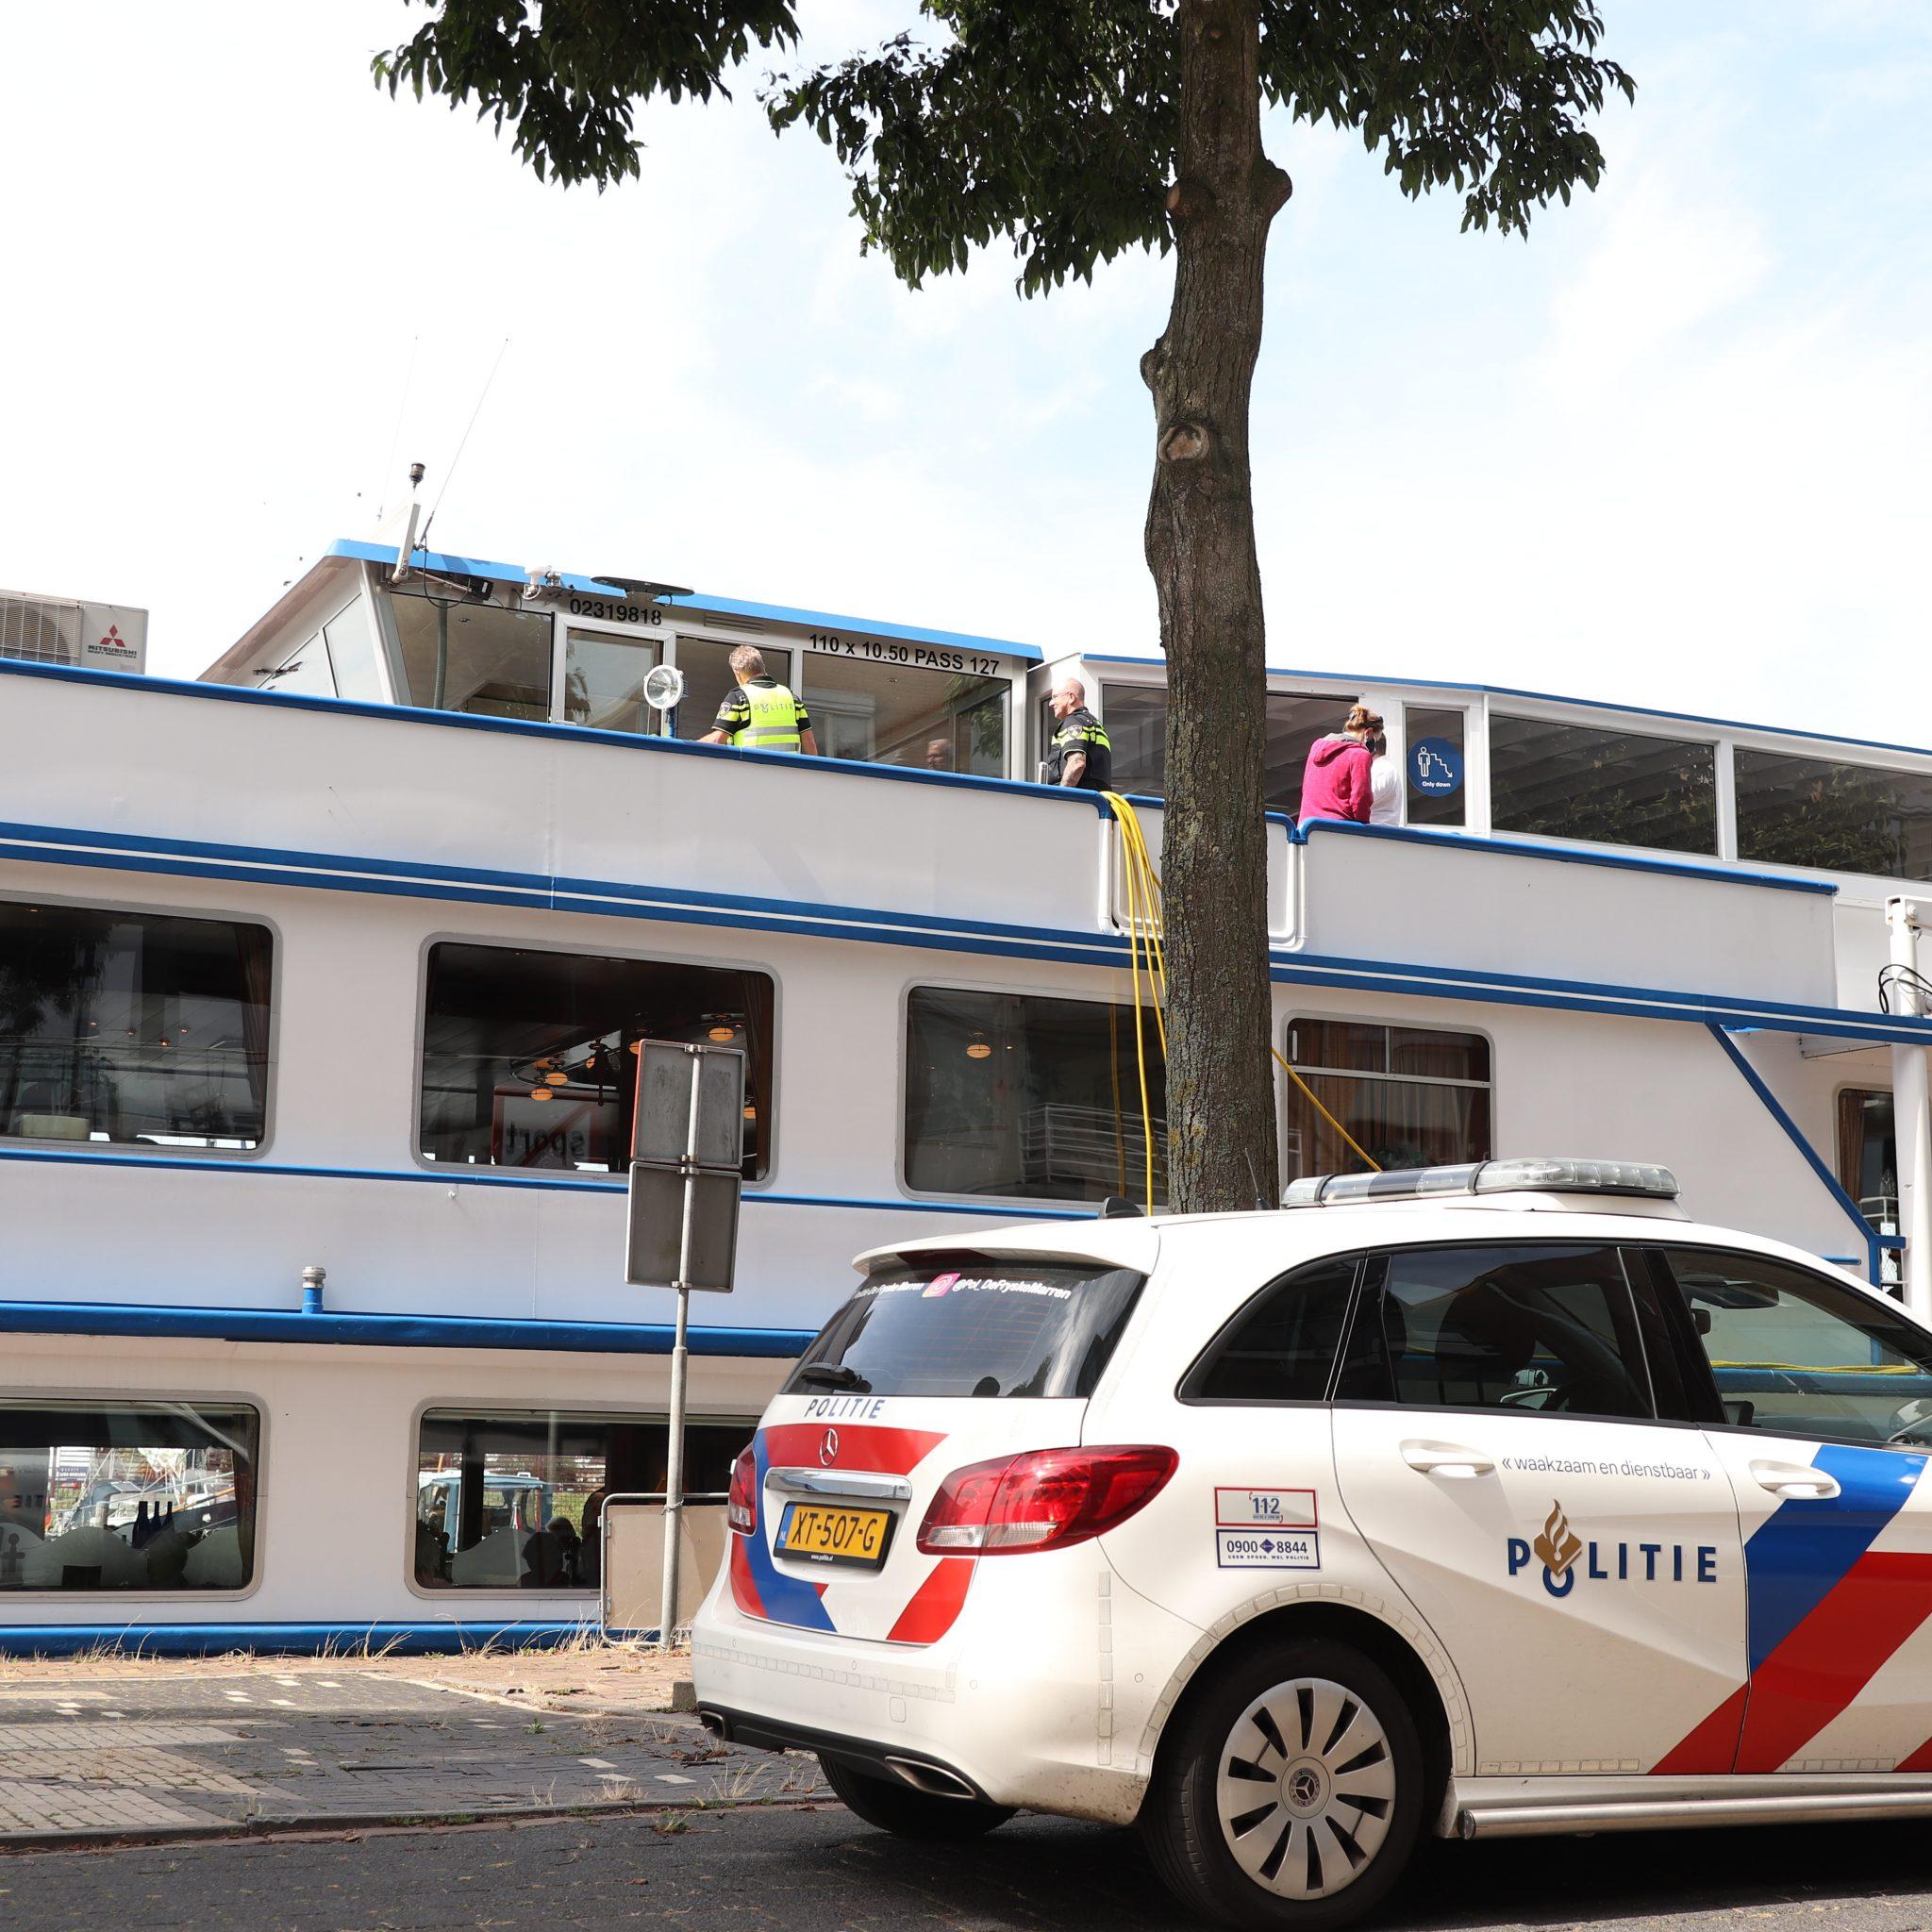 Politie heeft de Rembrandt van Rijn betreden om het voorval in kaart te brengen. (Foto Noordernieuws)